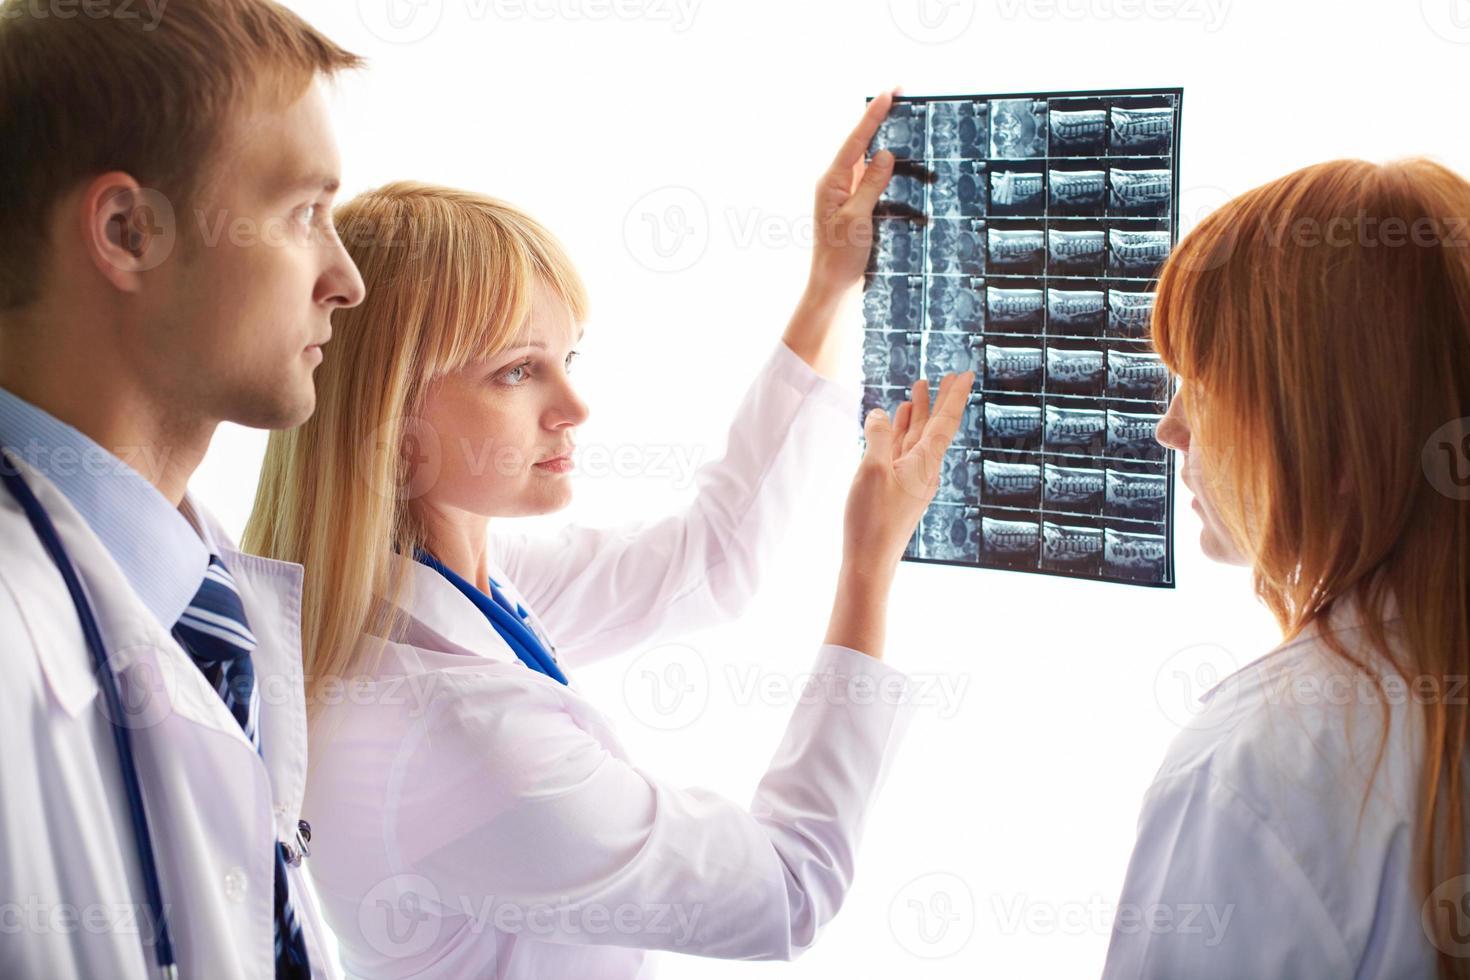 Looking at x-ray photograph photo